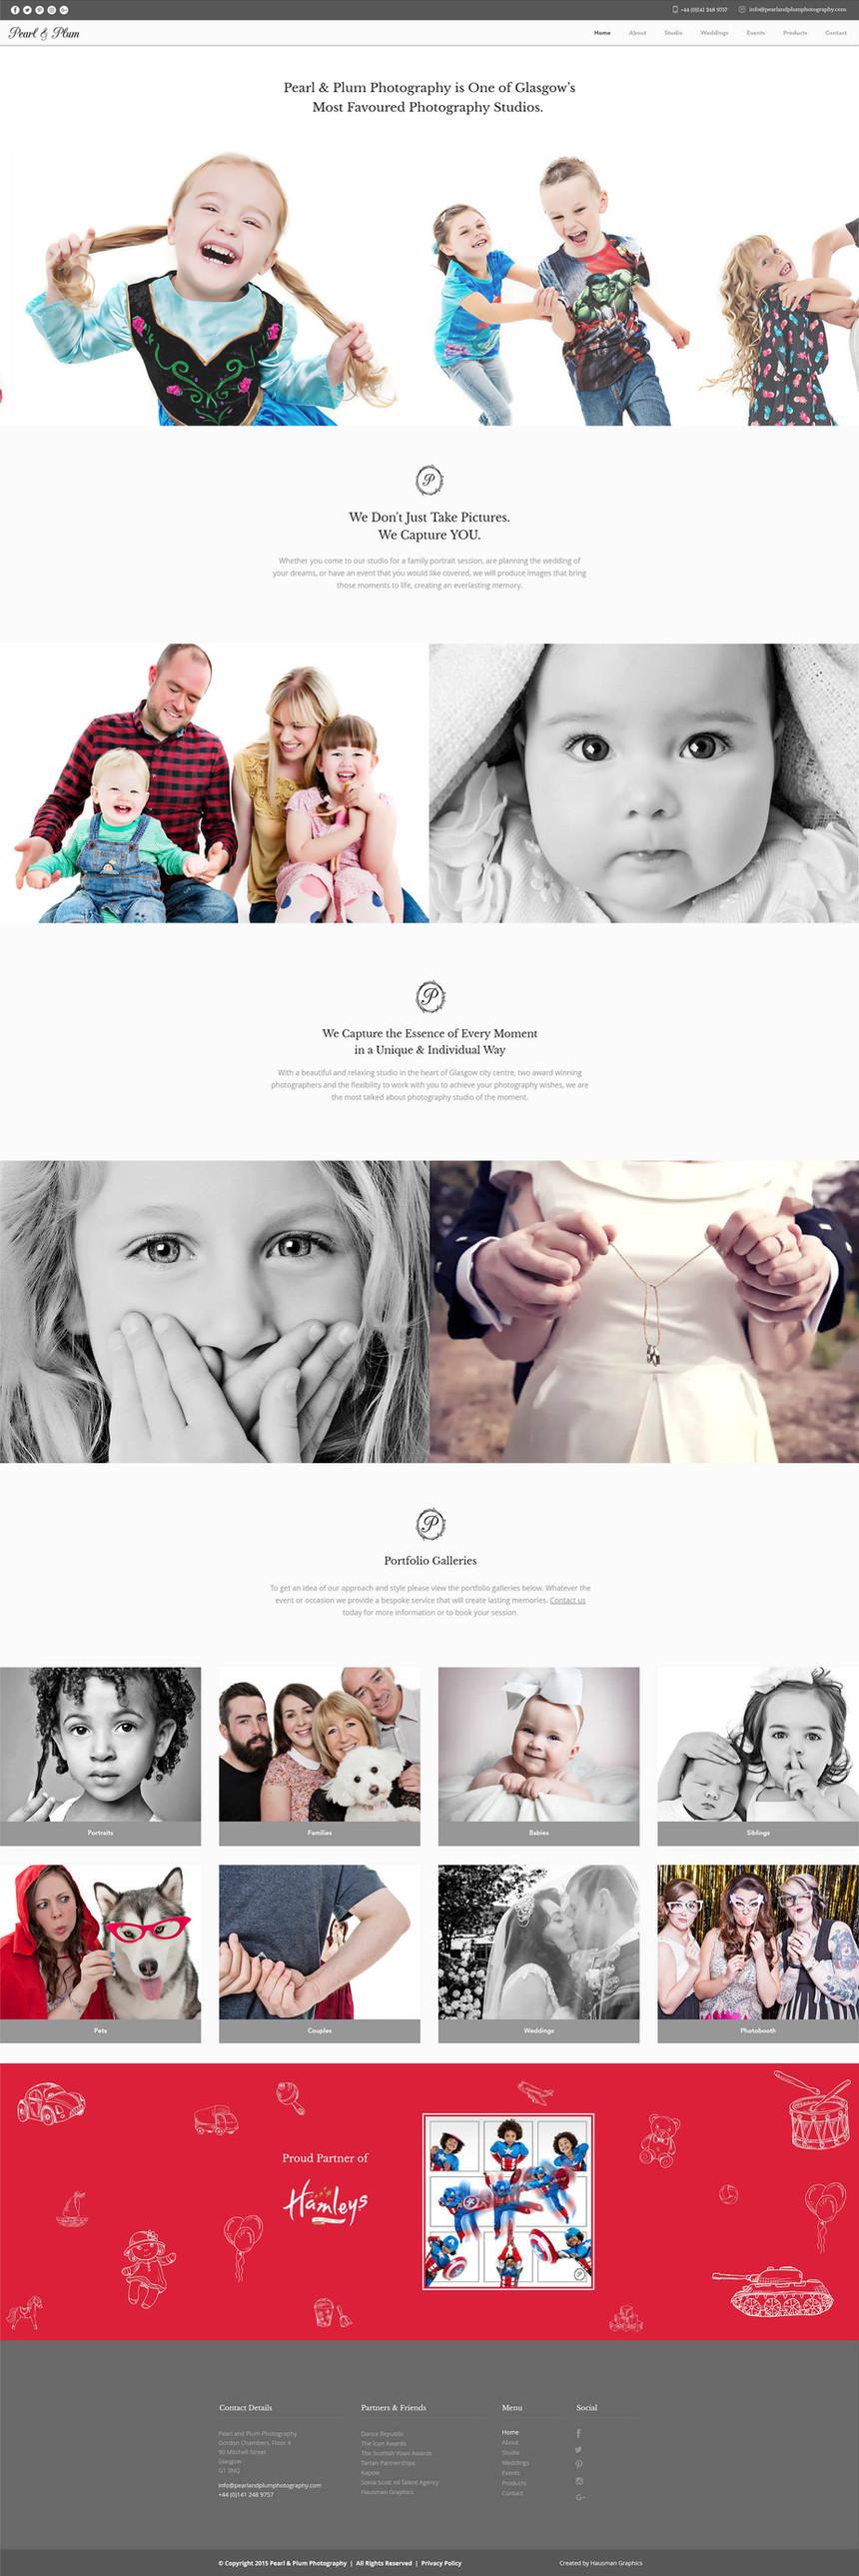 wix-website-designjpg